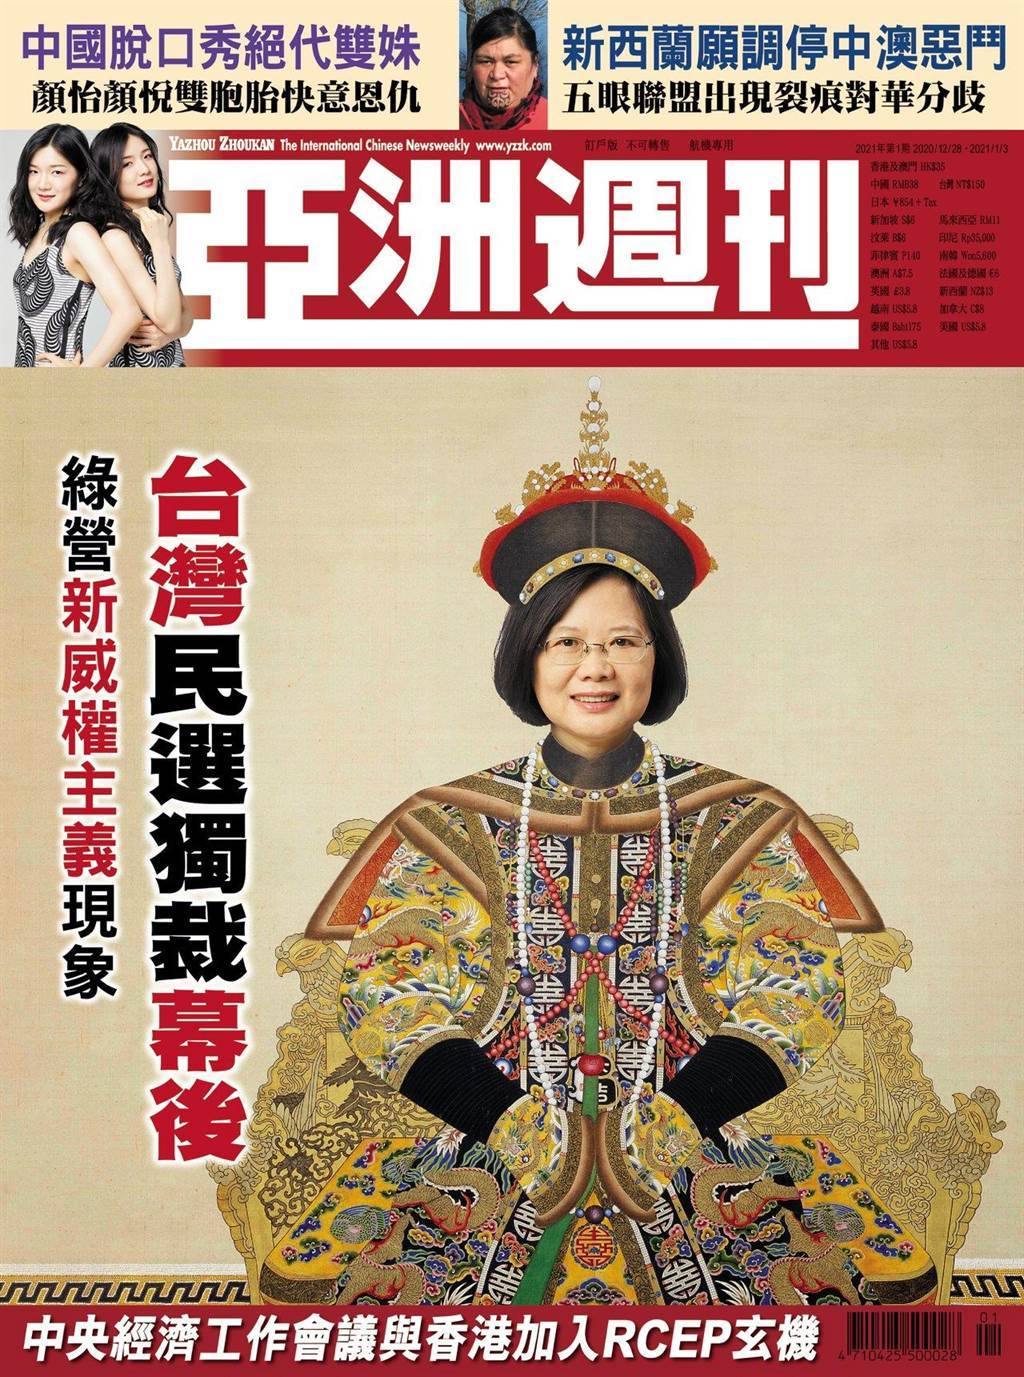 總統蔡英文登上《亞洲週刊》封面。(圖/亞洲週刊臉書)